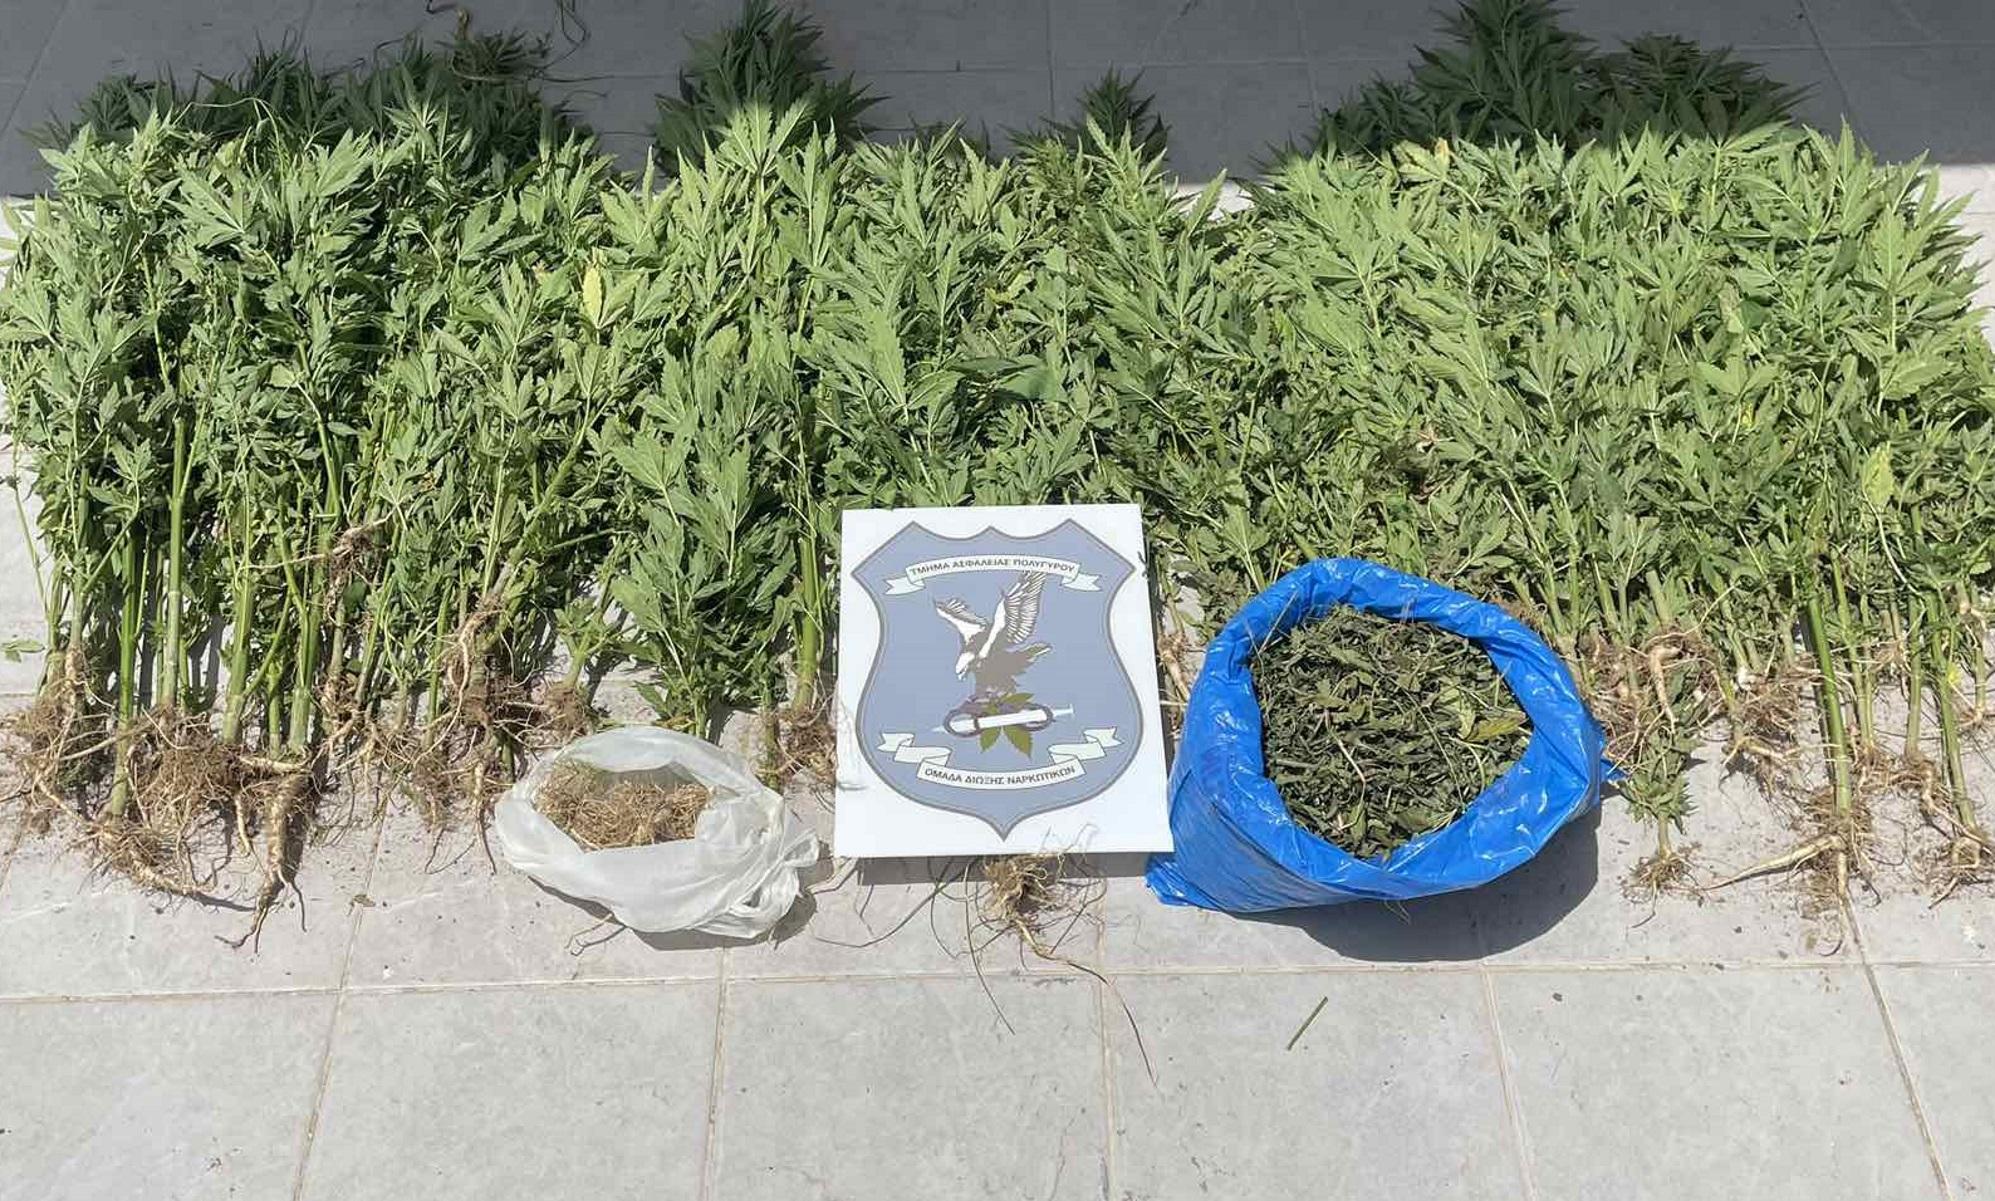 Θεσσαλονίκη: 17χρονος καλλιεργούσε κάνναβη κοντά στο σπίτι του (pic, vid)